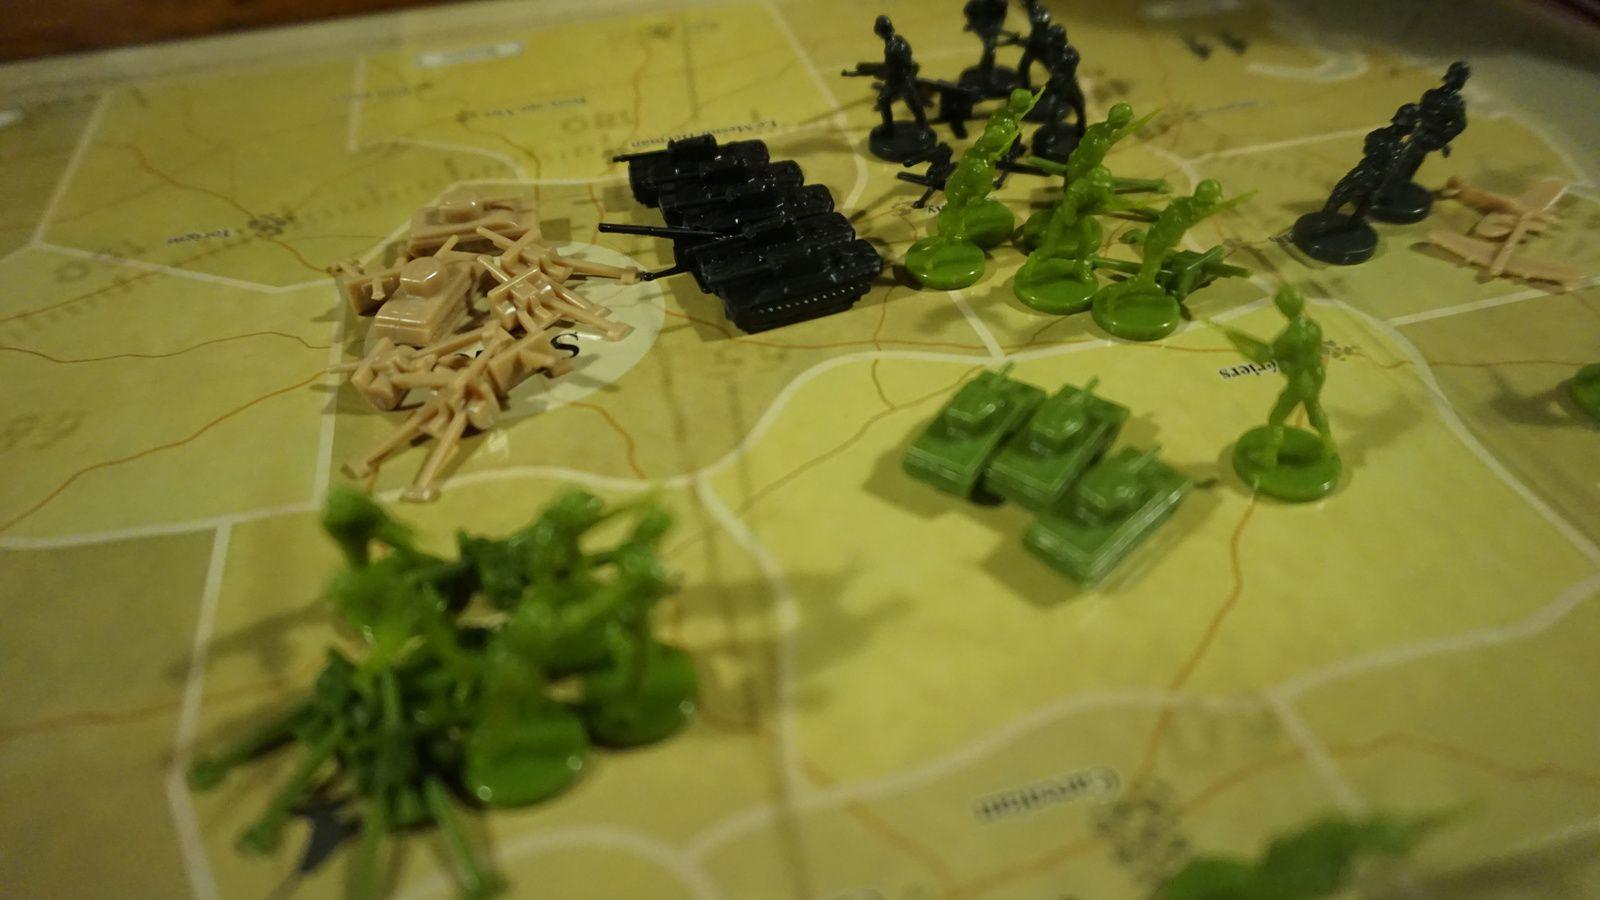 L'allemand blinde St Lo et lance toute ces forces sur Caen ! Et la vous comprennez l'importance de l'aviation pour les alliés, avant d'engager le combat contre les unités terrestres, il faut déjà essuyer les tirs de la RAF..un vrai massacre pour l'Allemand !